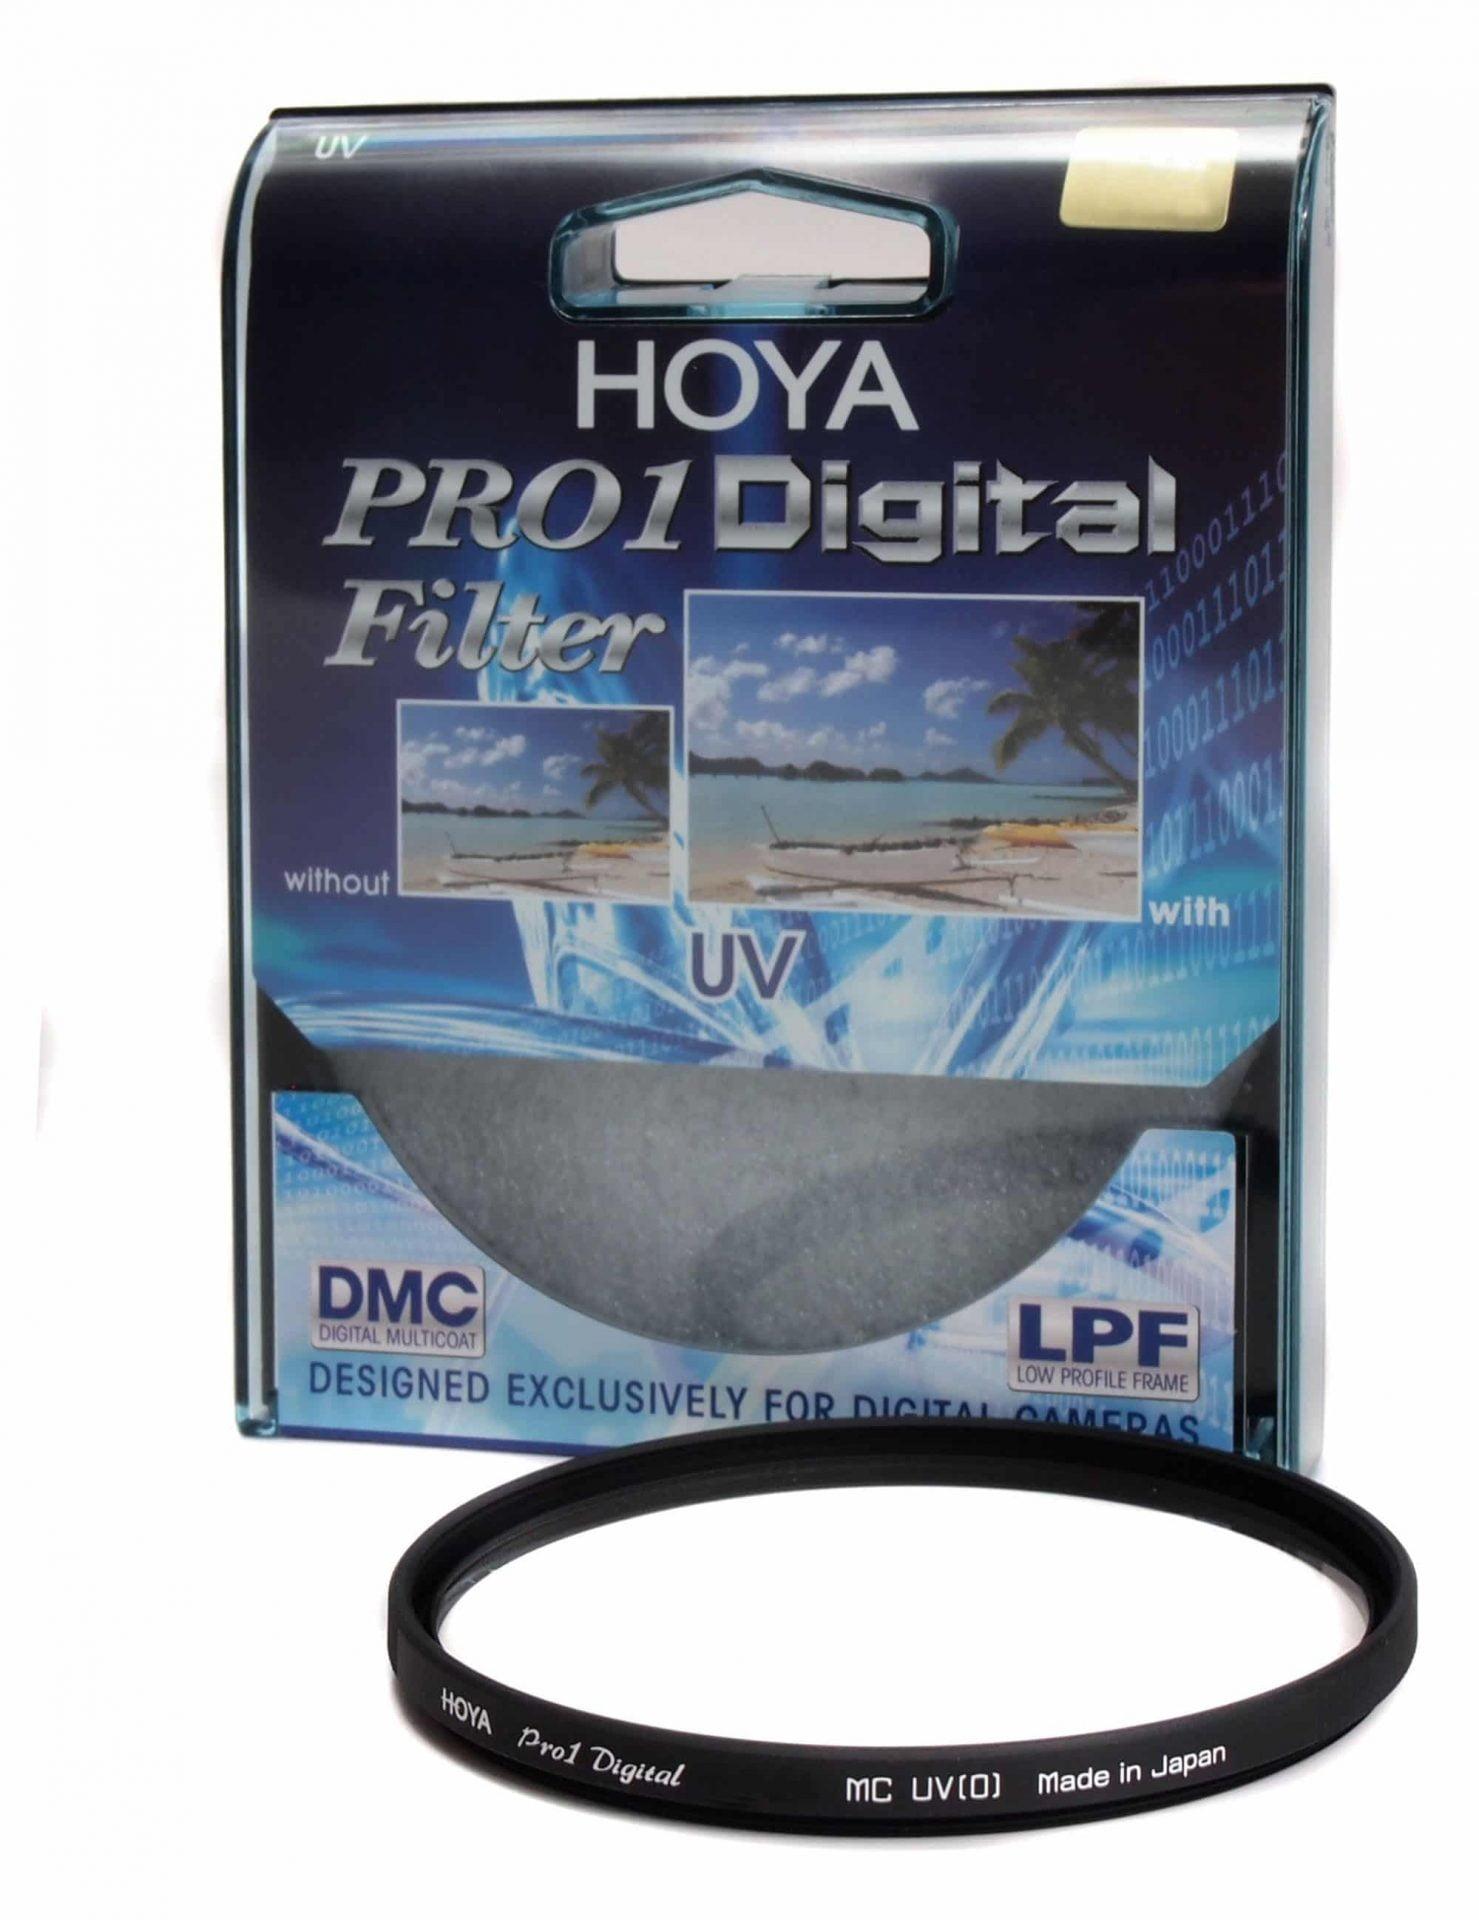 Hoya 67mm UV Pro 1 Digital Filter